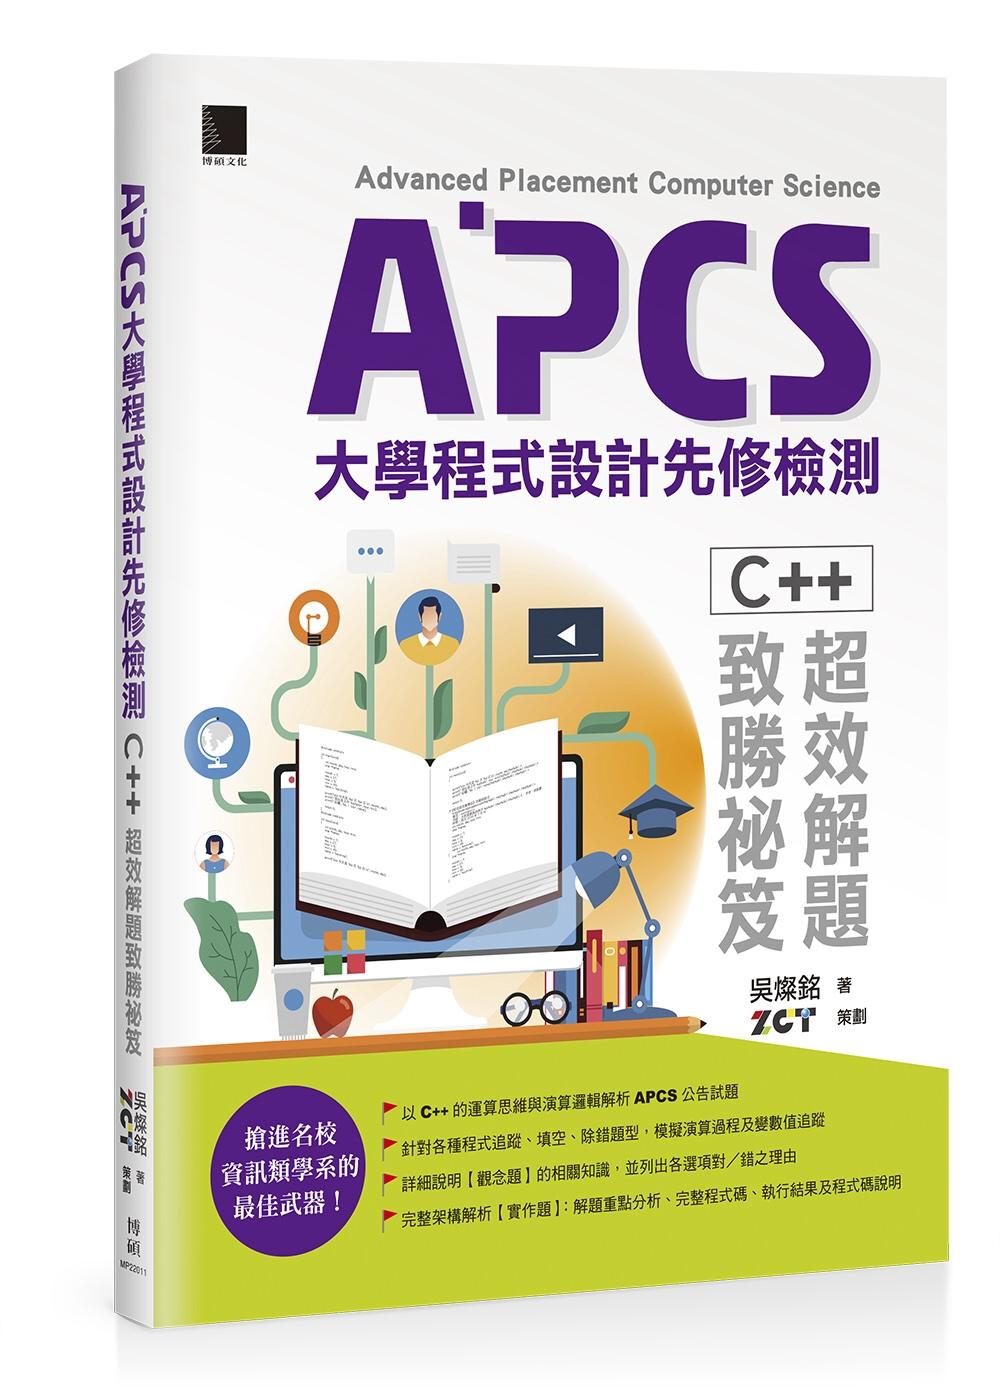 APCS大學程式設計先修檢測:C++超效解題致勝祕笈